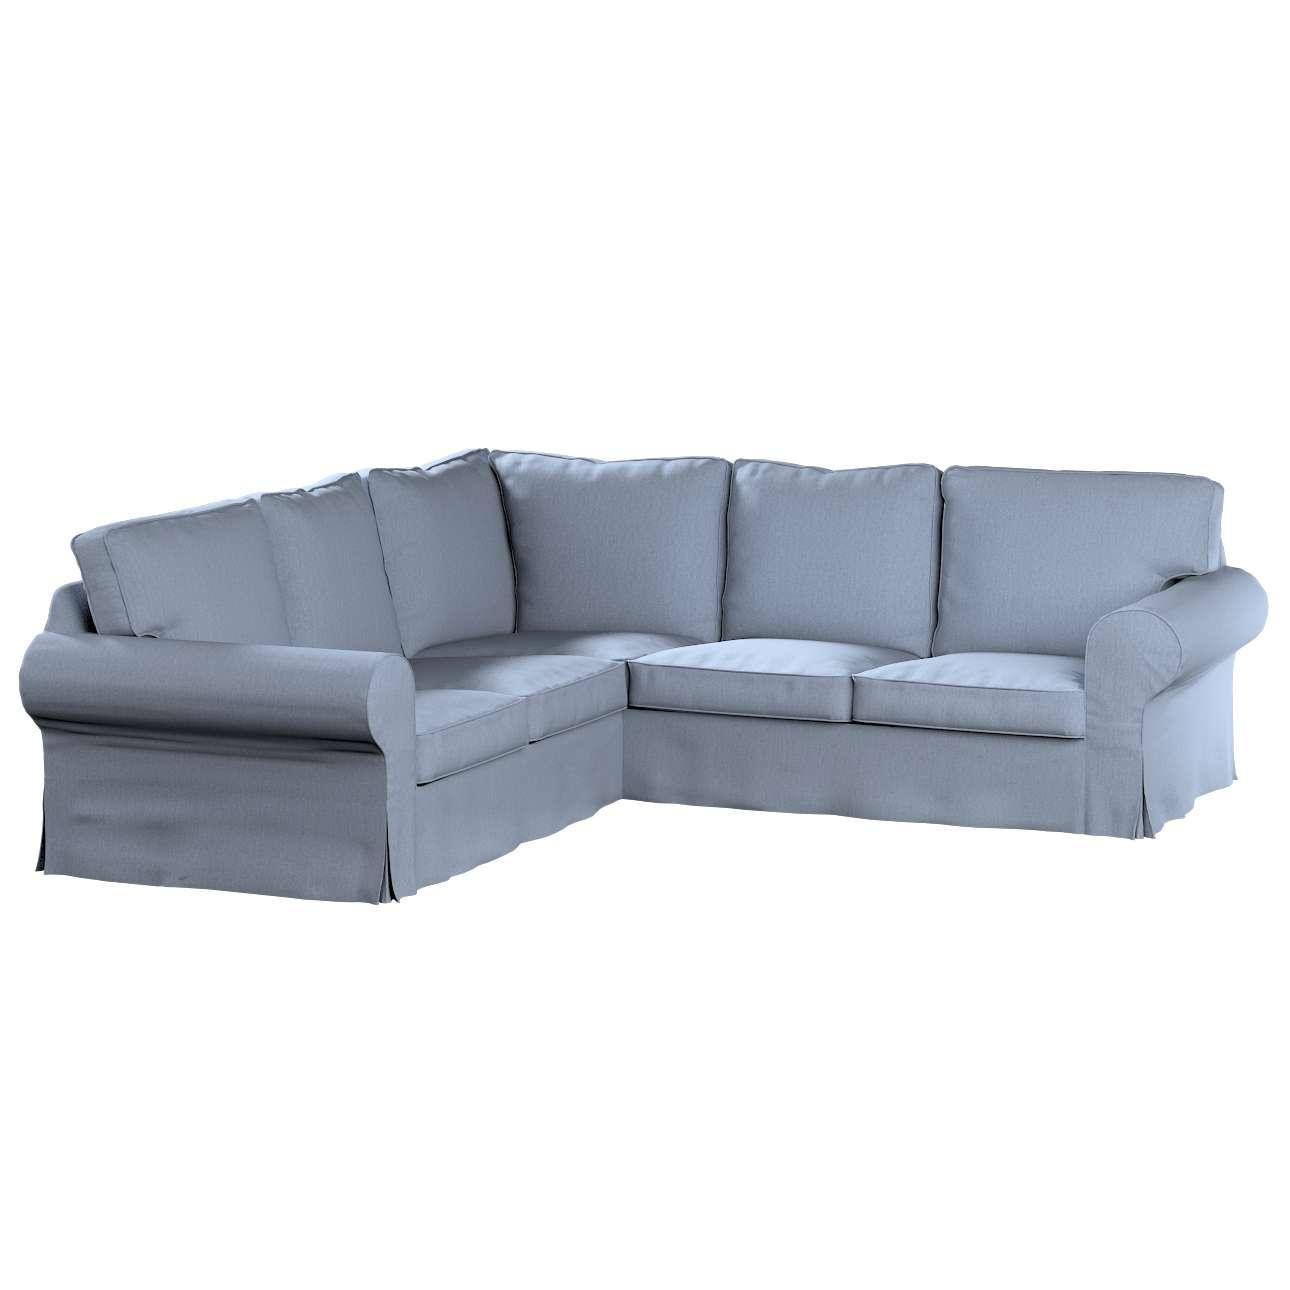 Pokrowiec na sofę narożną Ektorp w kolekcji Chenille, tkanina: 702-13